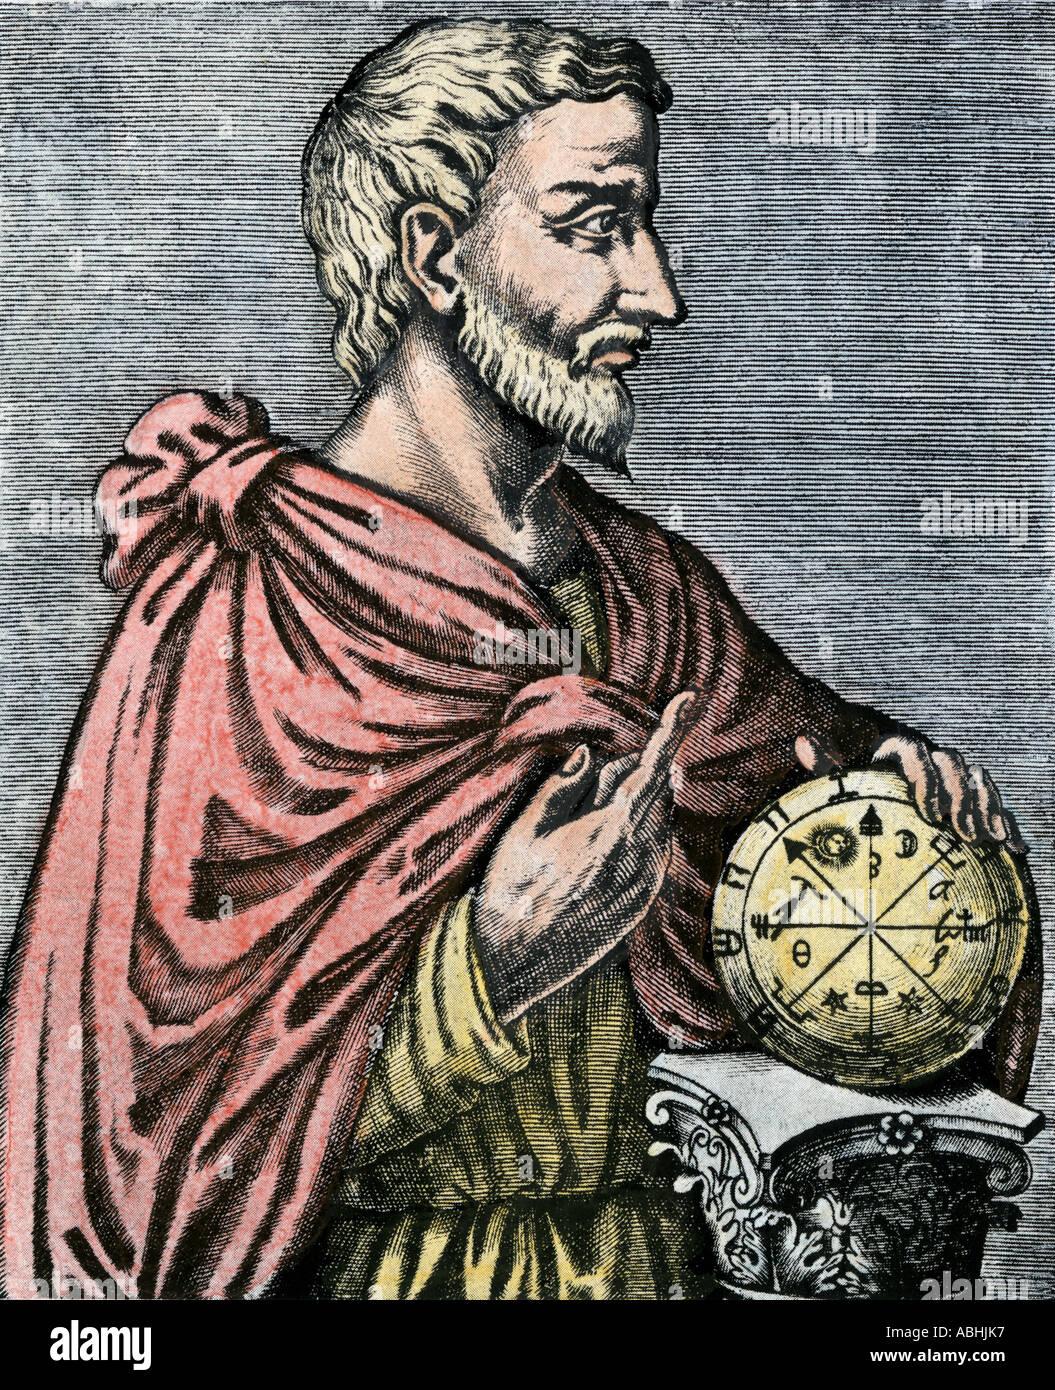 Pythagore, philosophe grec et mathématicien. À la main, gravure sur bois Photo Stock